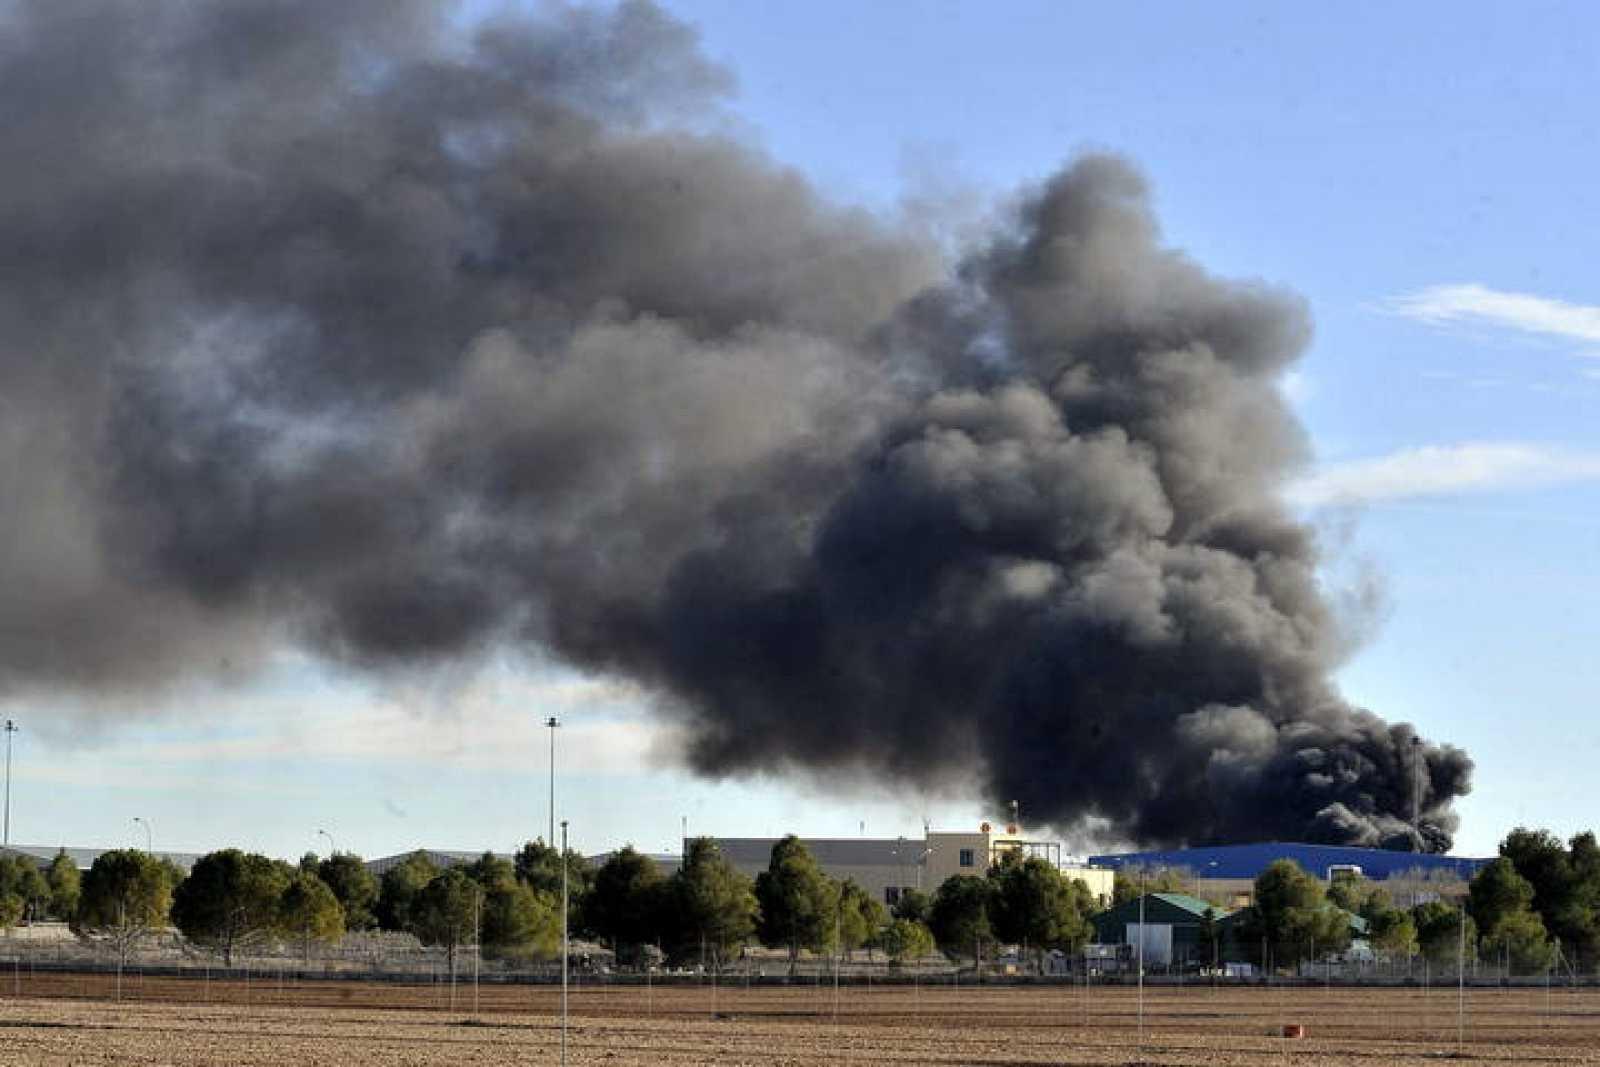 Imagen del accidente de un F-16 griego en la base aérea de Los Llanos (Albacete), en el que han muerto diez personas y han resultado heridas otras 13.